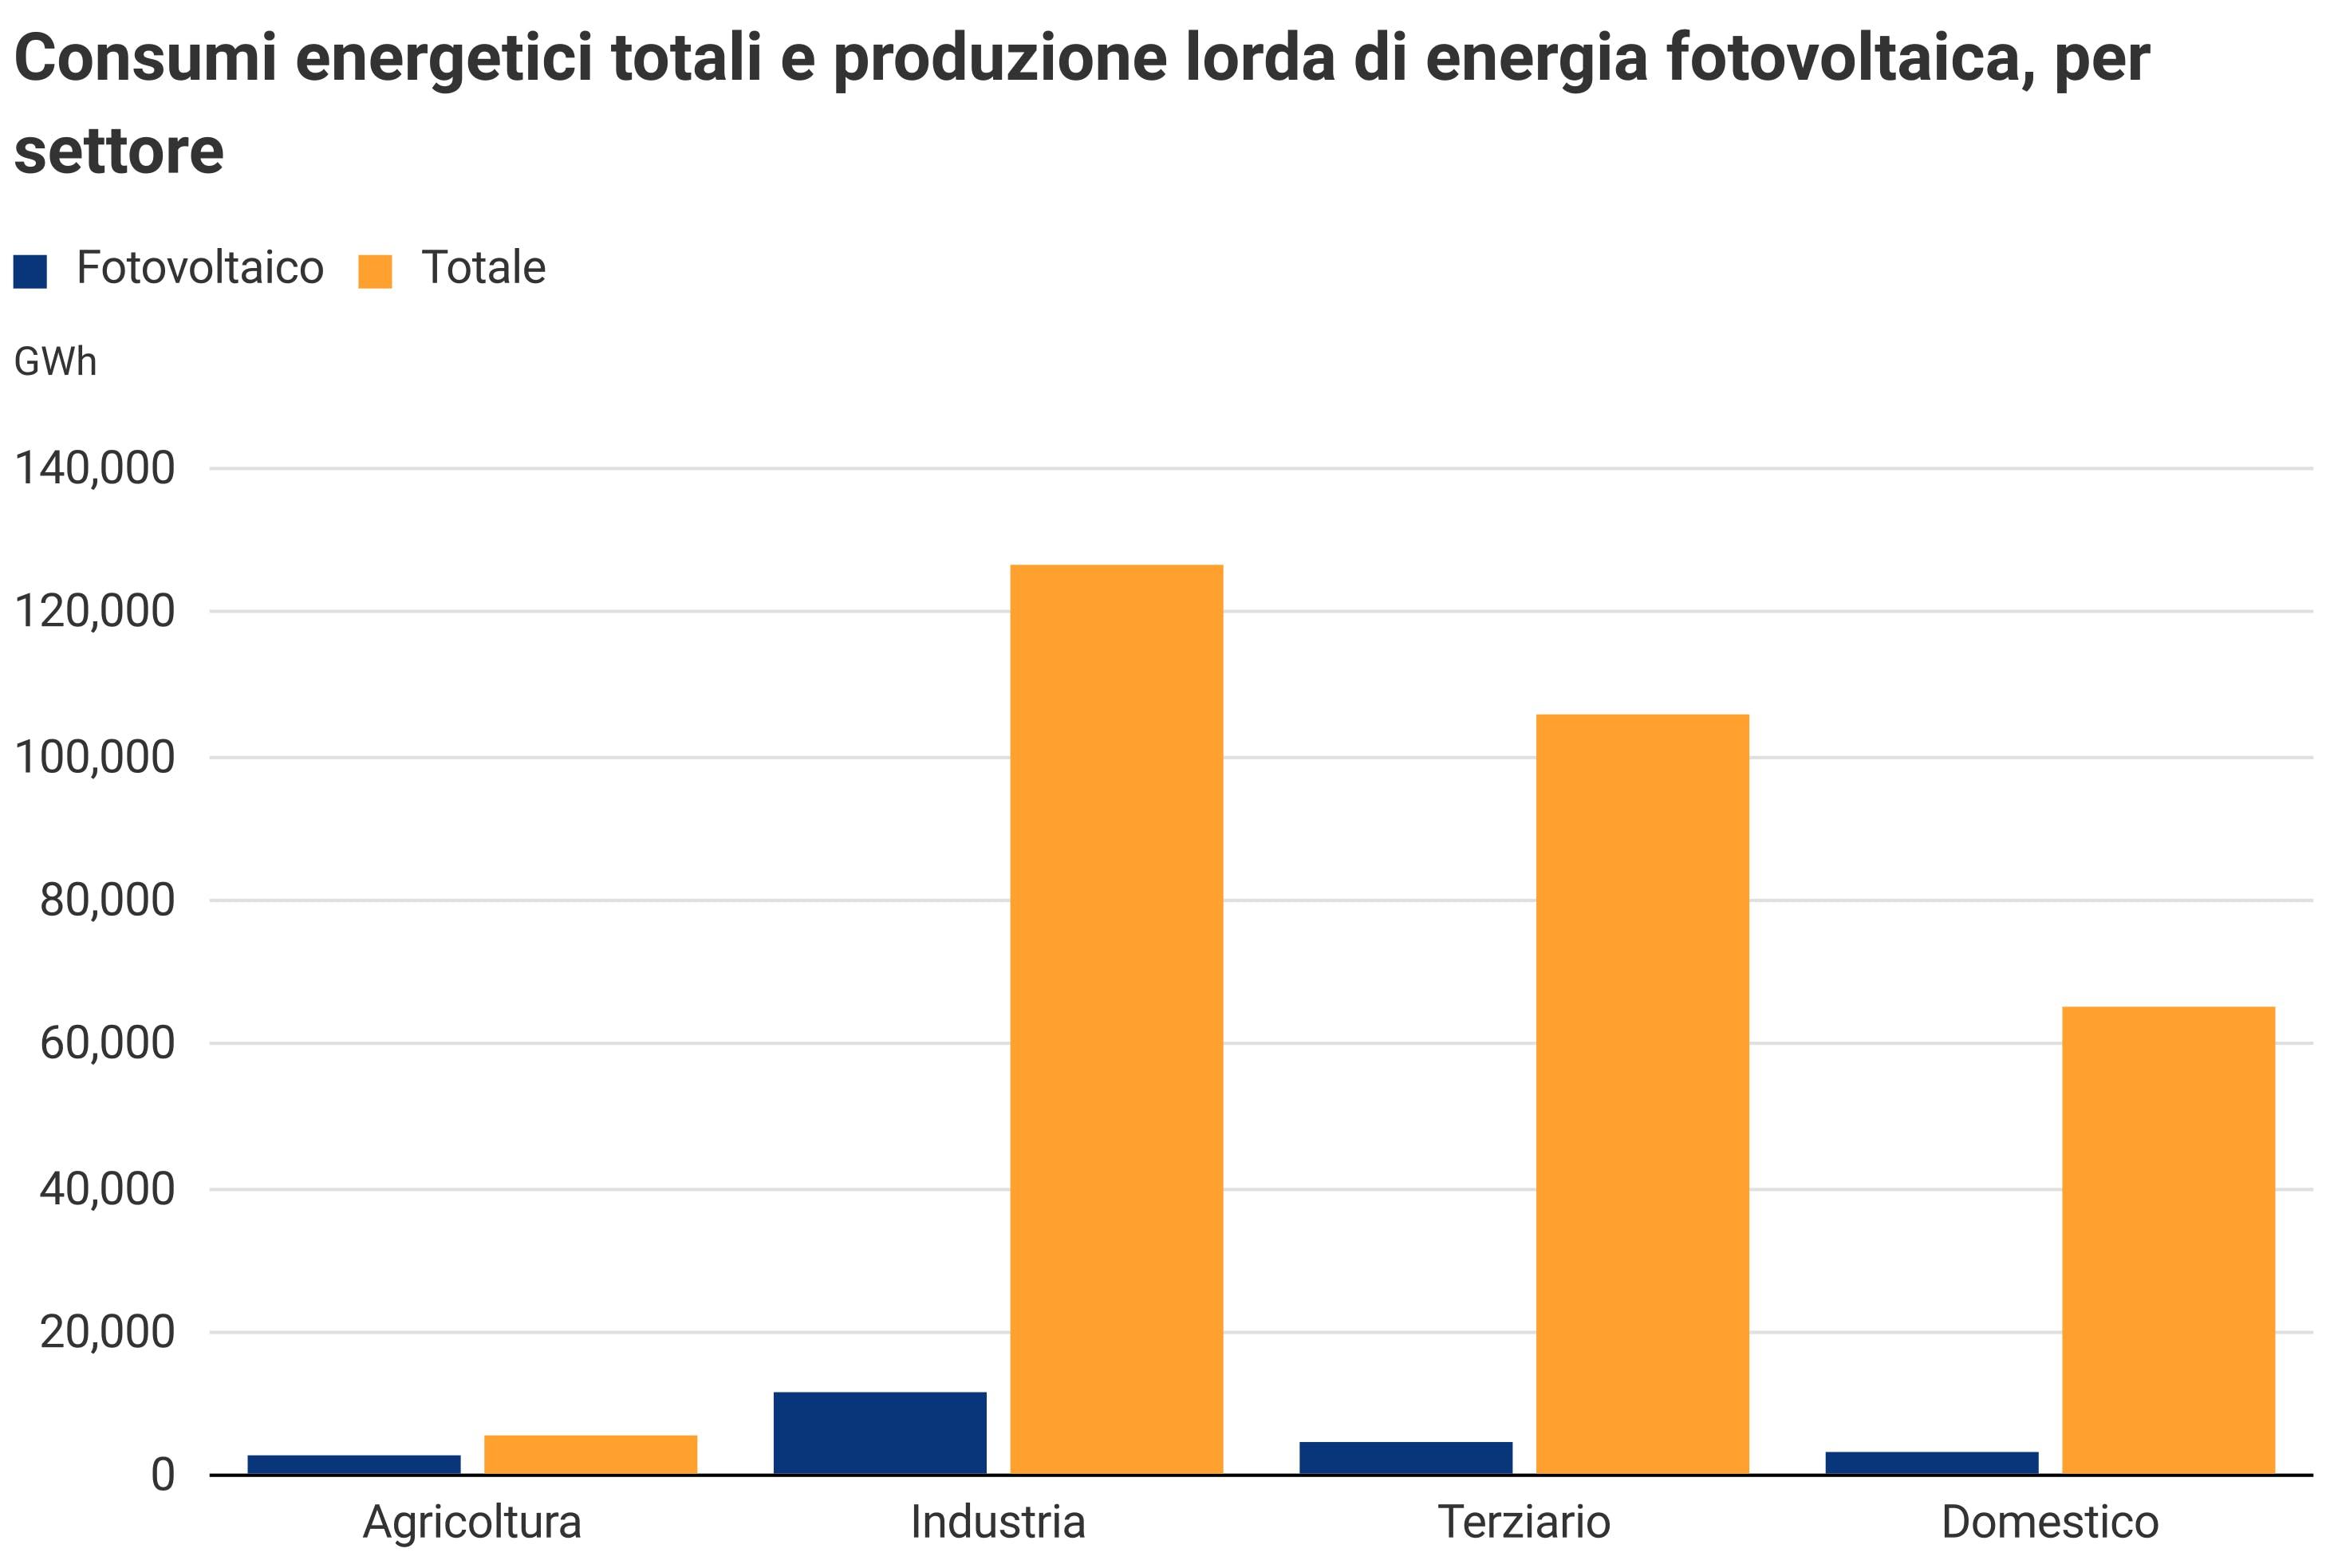 Consumi energetici e produzione di energia fotovoltaica